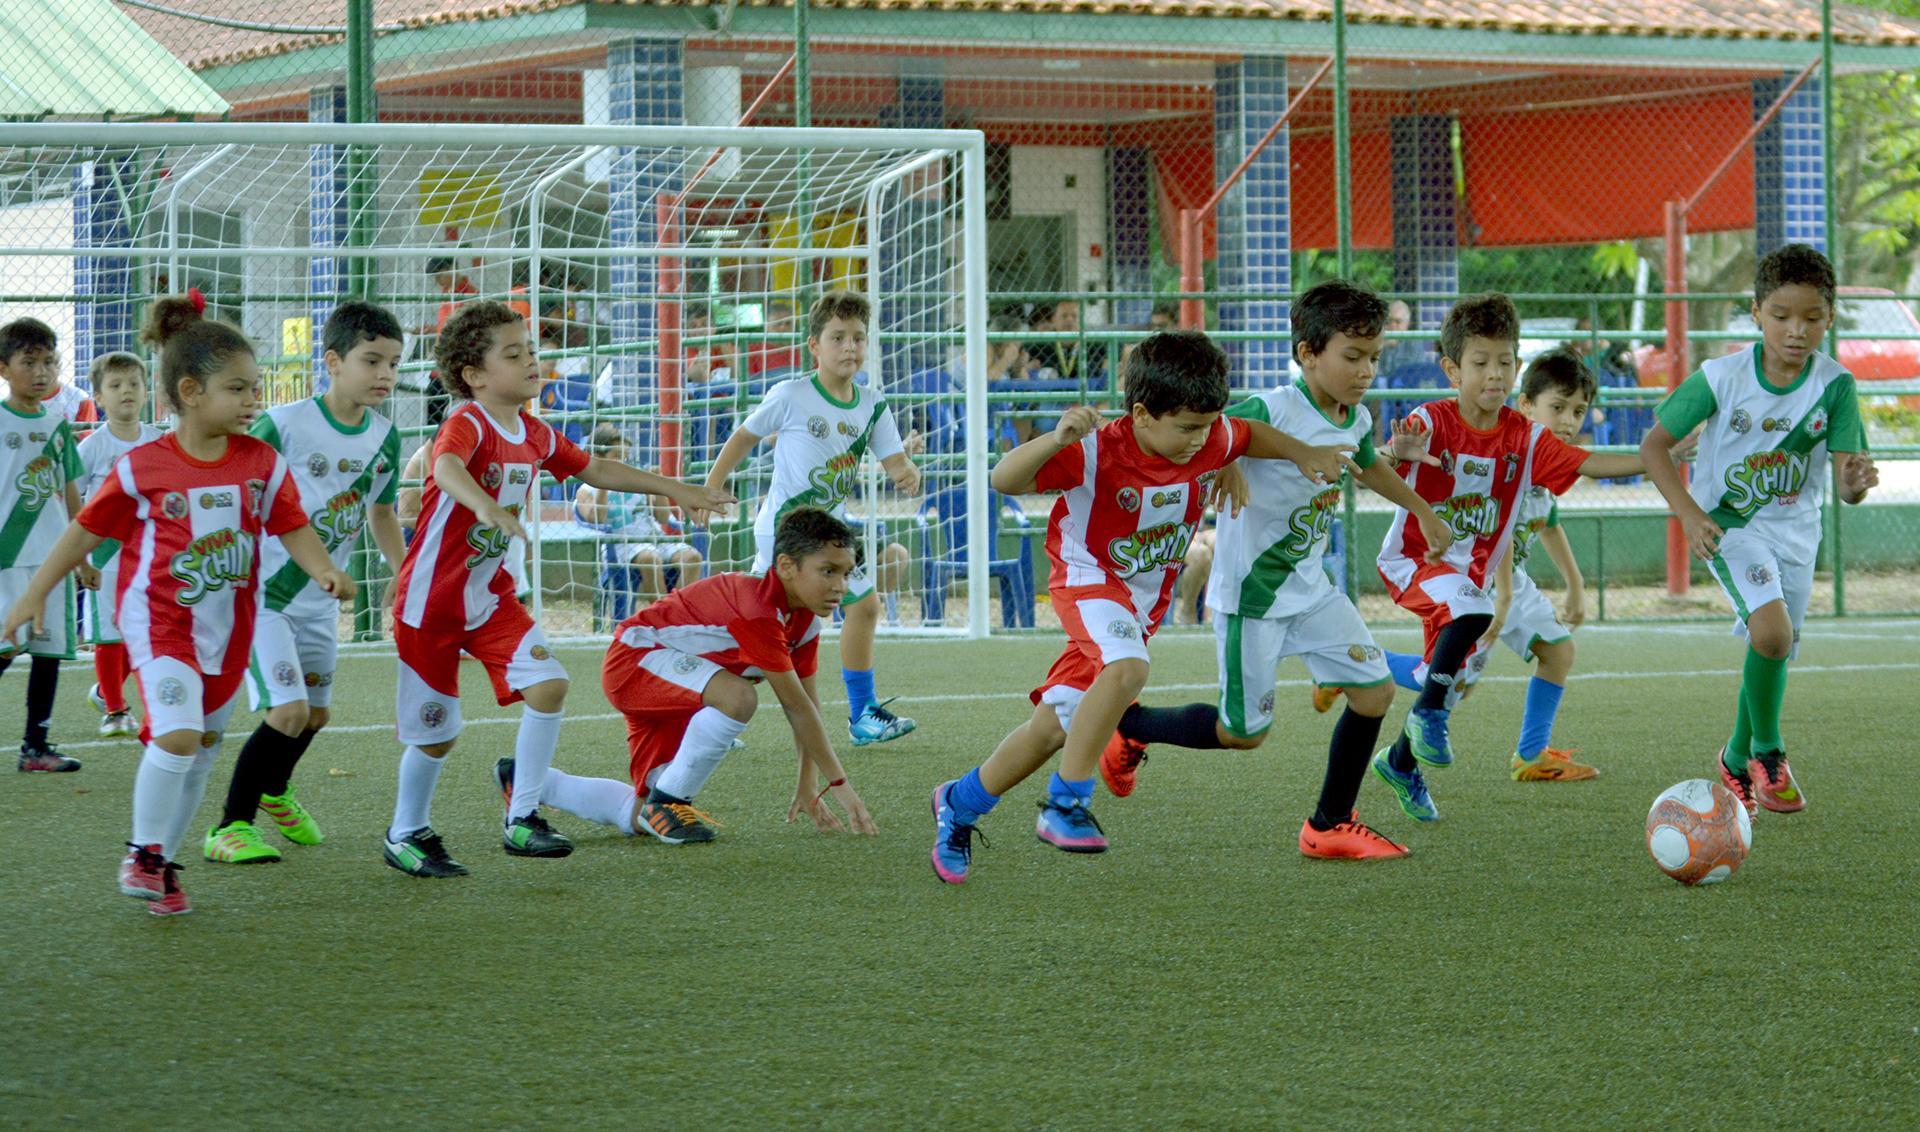 Objetivando a orientação e ensinamento da prática do futebol oportunizando  o esporte como meio de socialização 5fec37c0e20f5